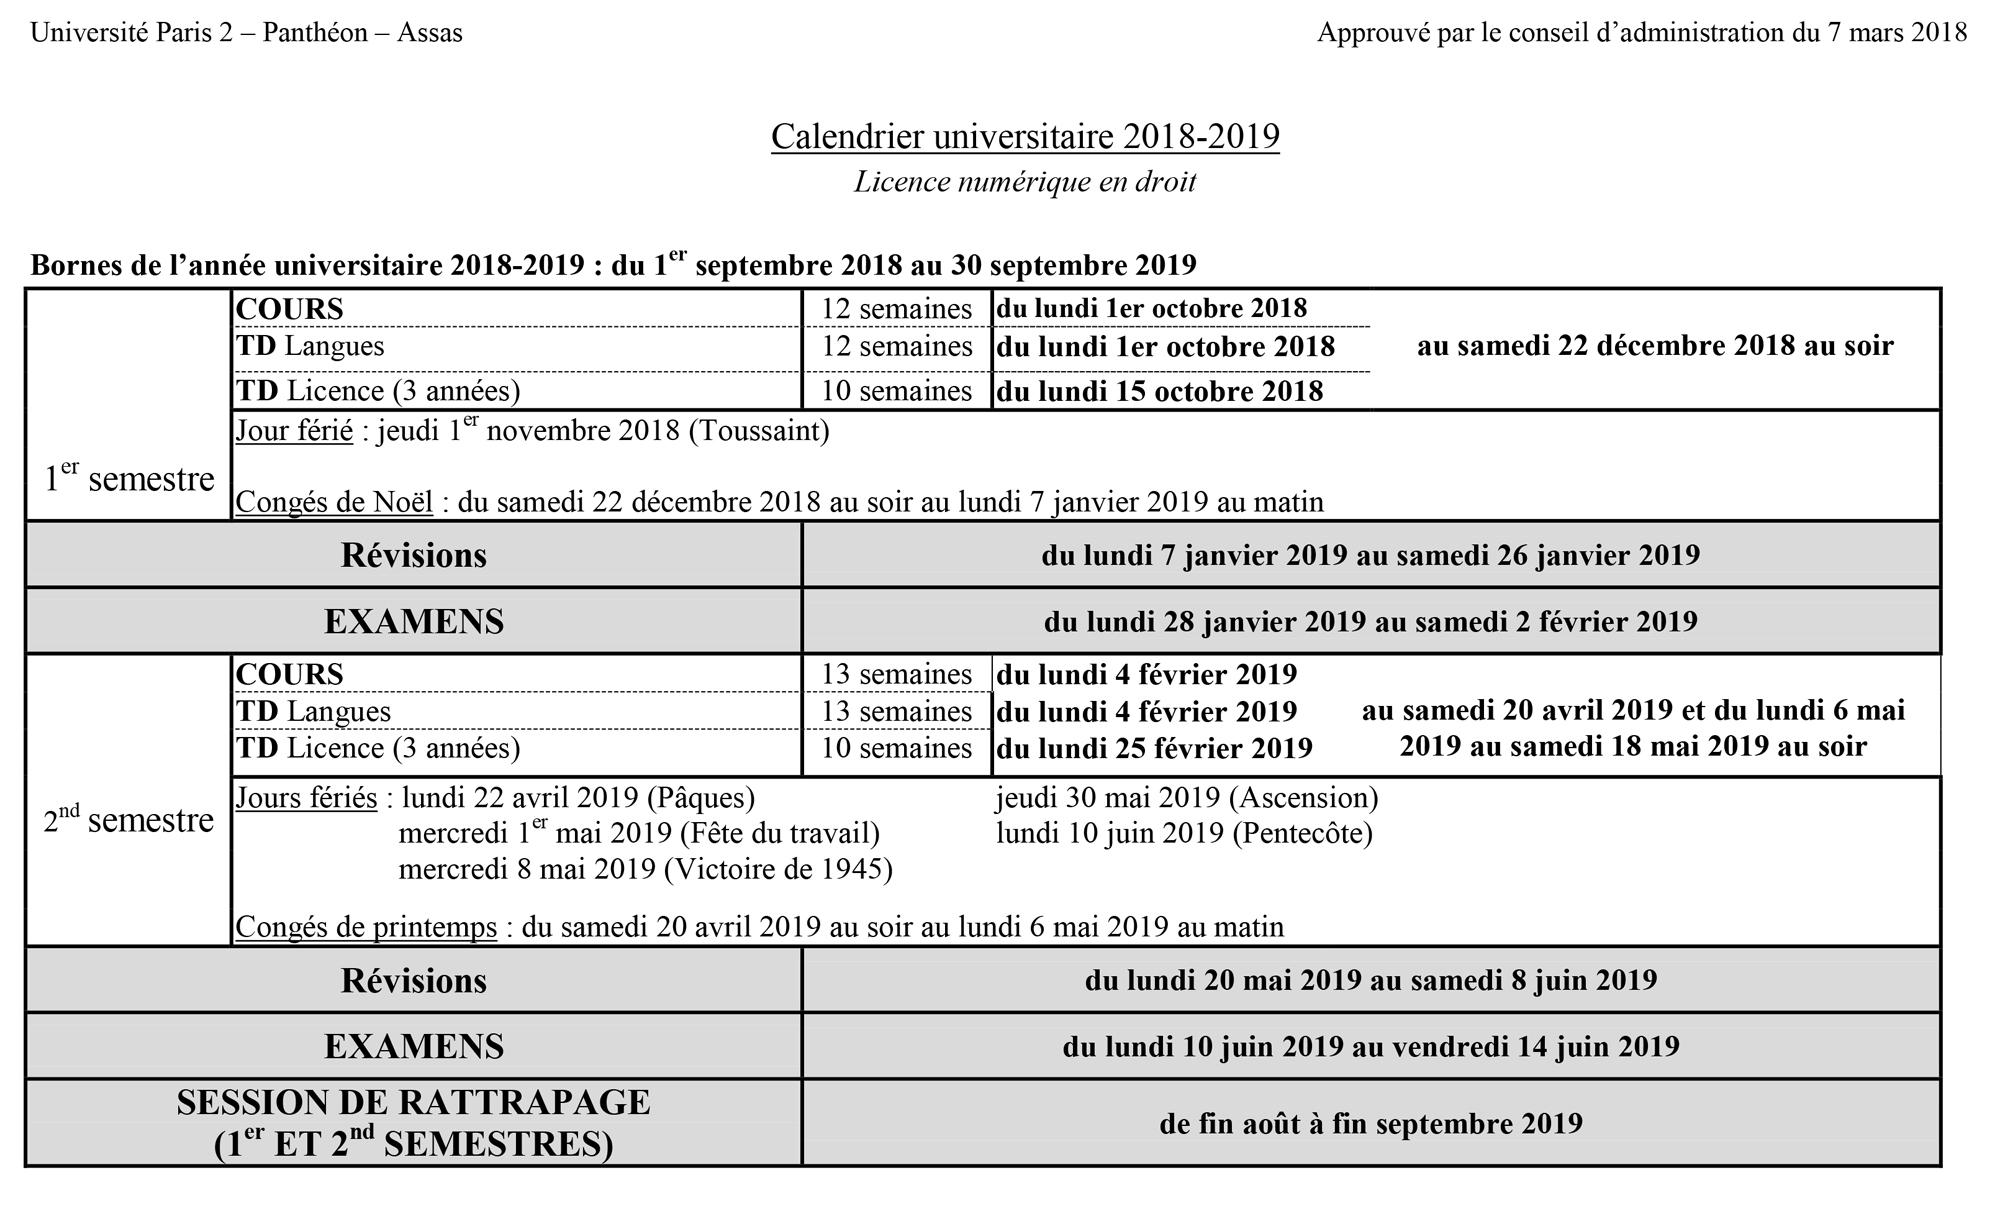 Calendrier universitaire 2018-2019 Licence numérique en droit